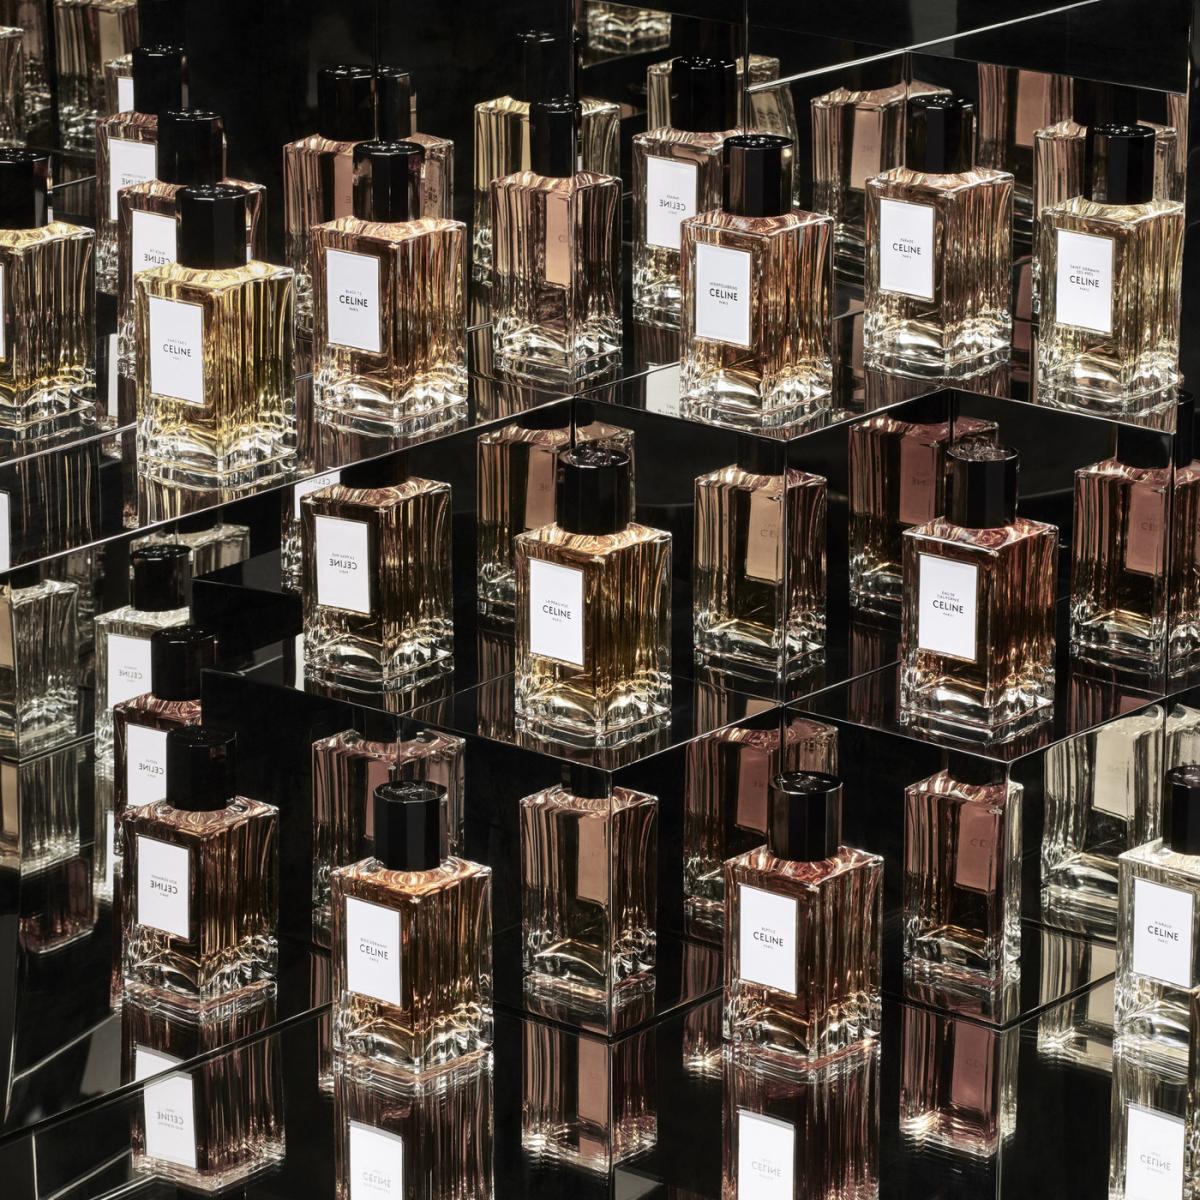 Французская компания Celine объявила о запуске новой линии высокой парфюмерии